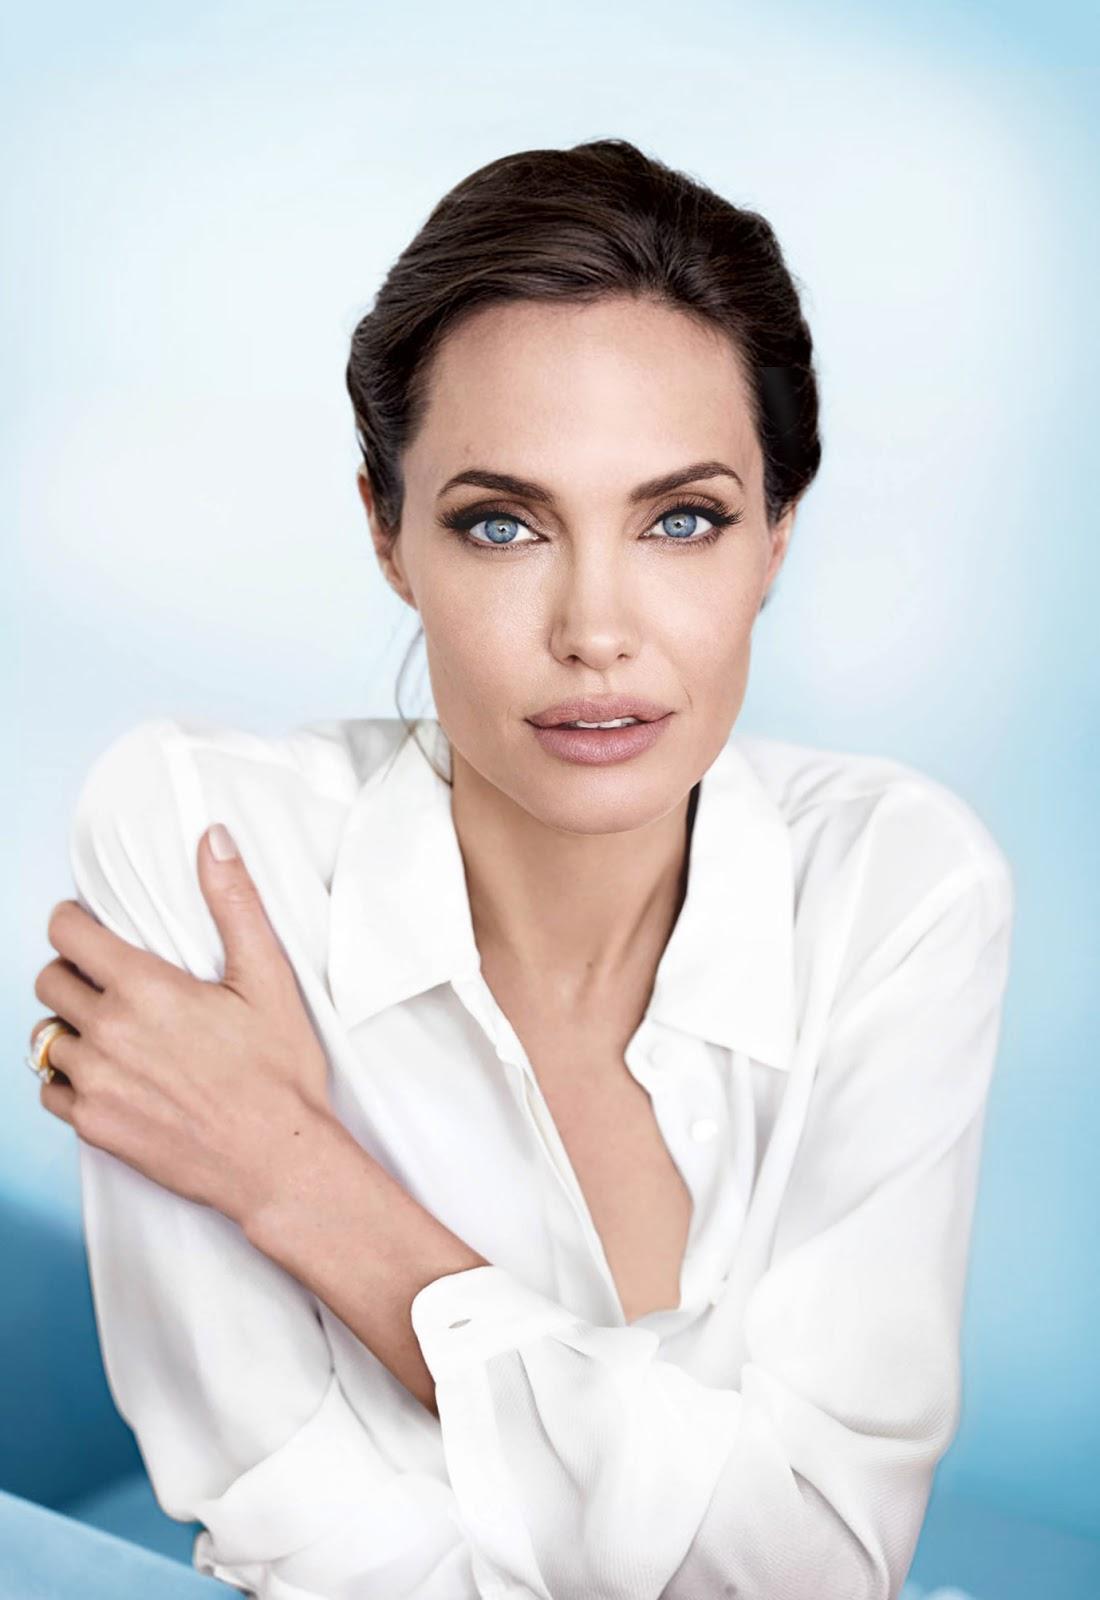 Angelina Jolie Look Using All Drugstore Makeup: Loveisspeed.......: ANGELINA JOLIE For VANITY FAIR By